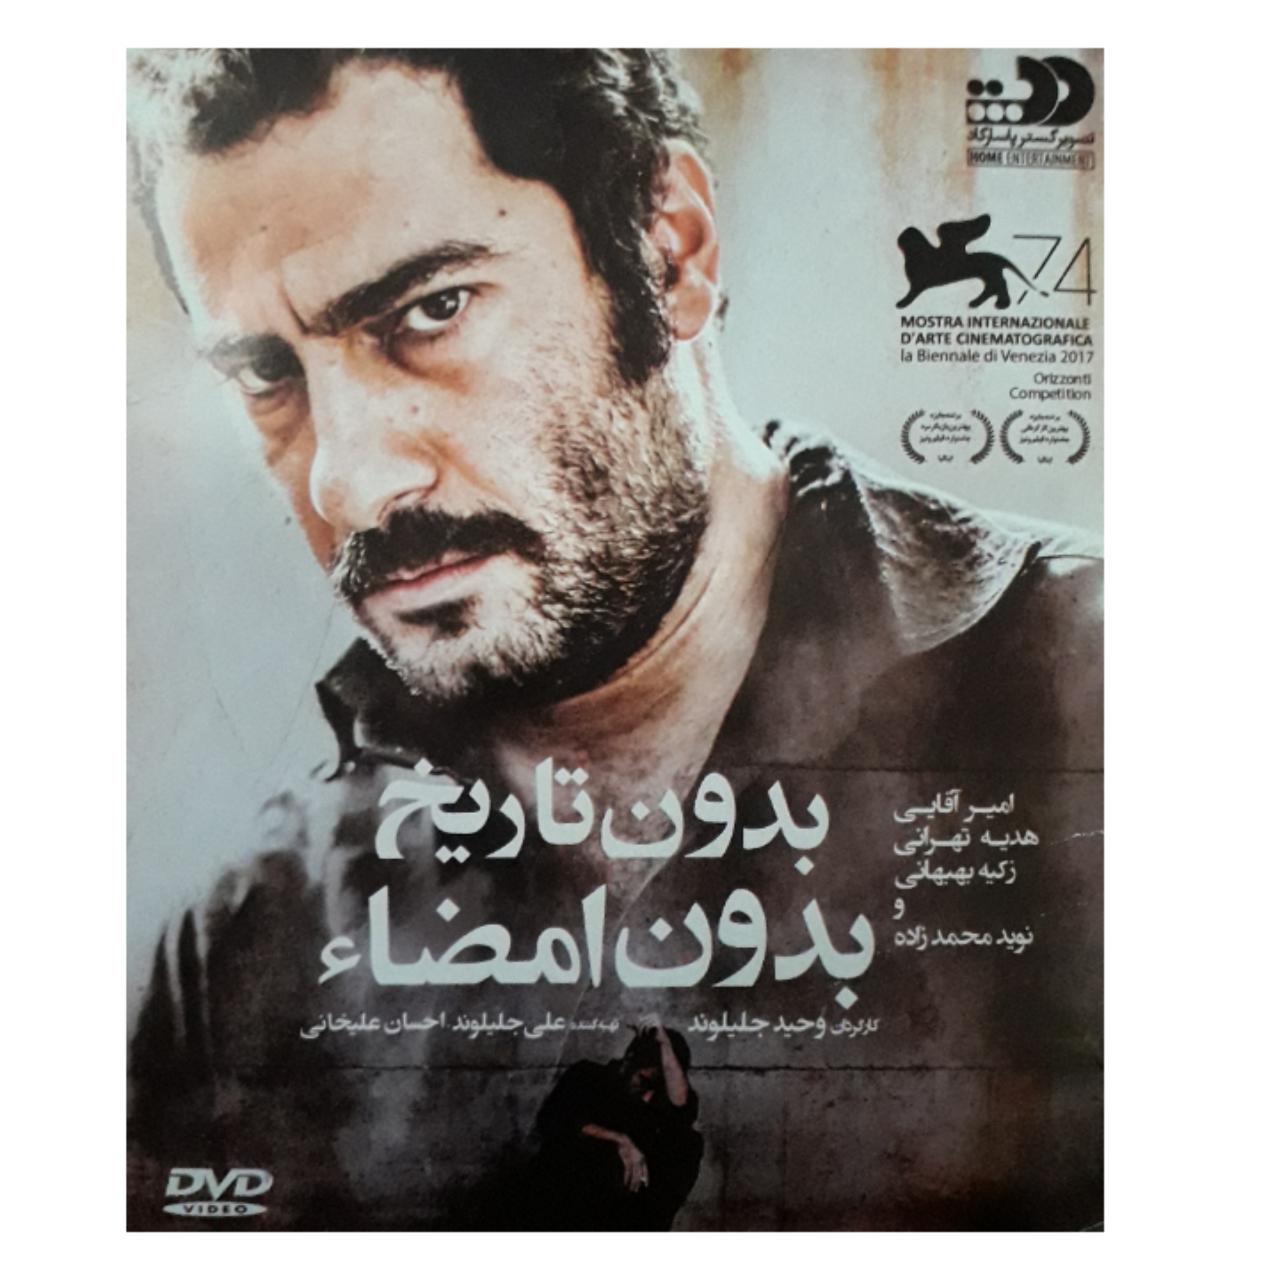 فیلم سینمایی بدون تاریخ بدون امضاء نشر تصویر گستر پاسارگاد